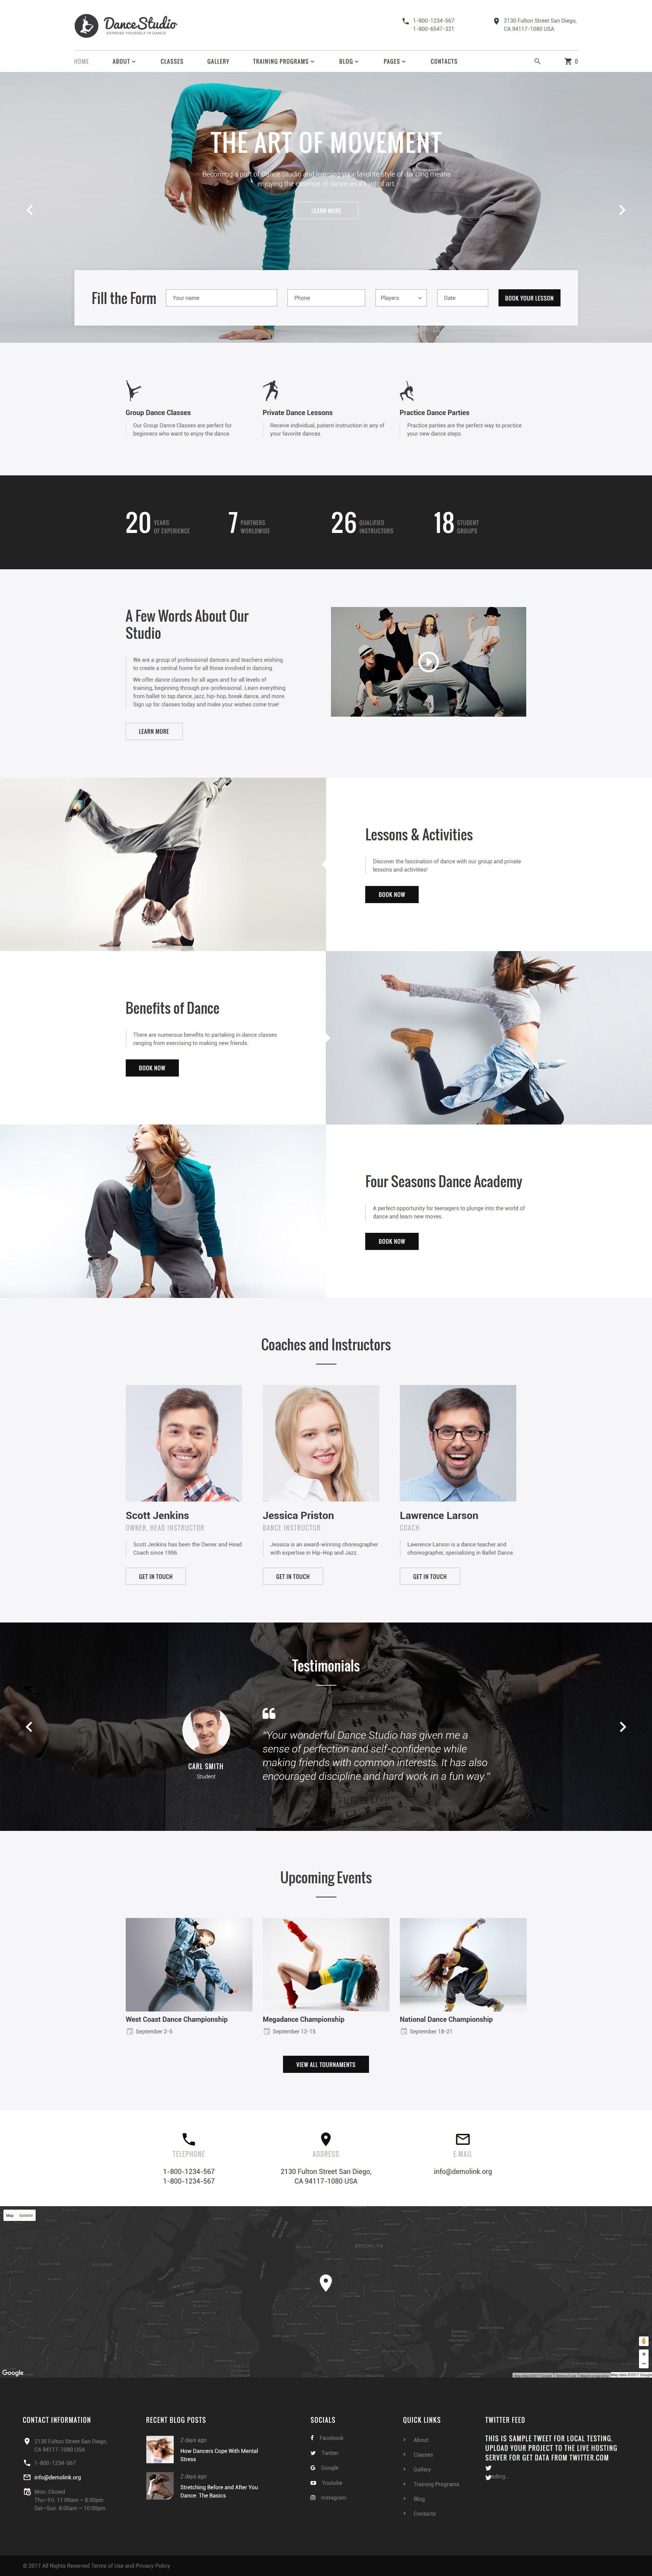 DanceStudio - Dance Coach Responsive Website Template